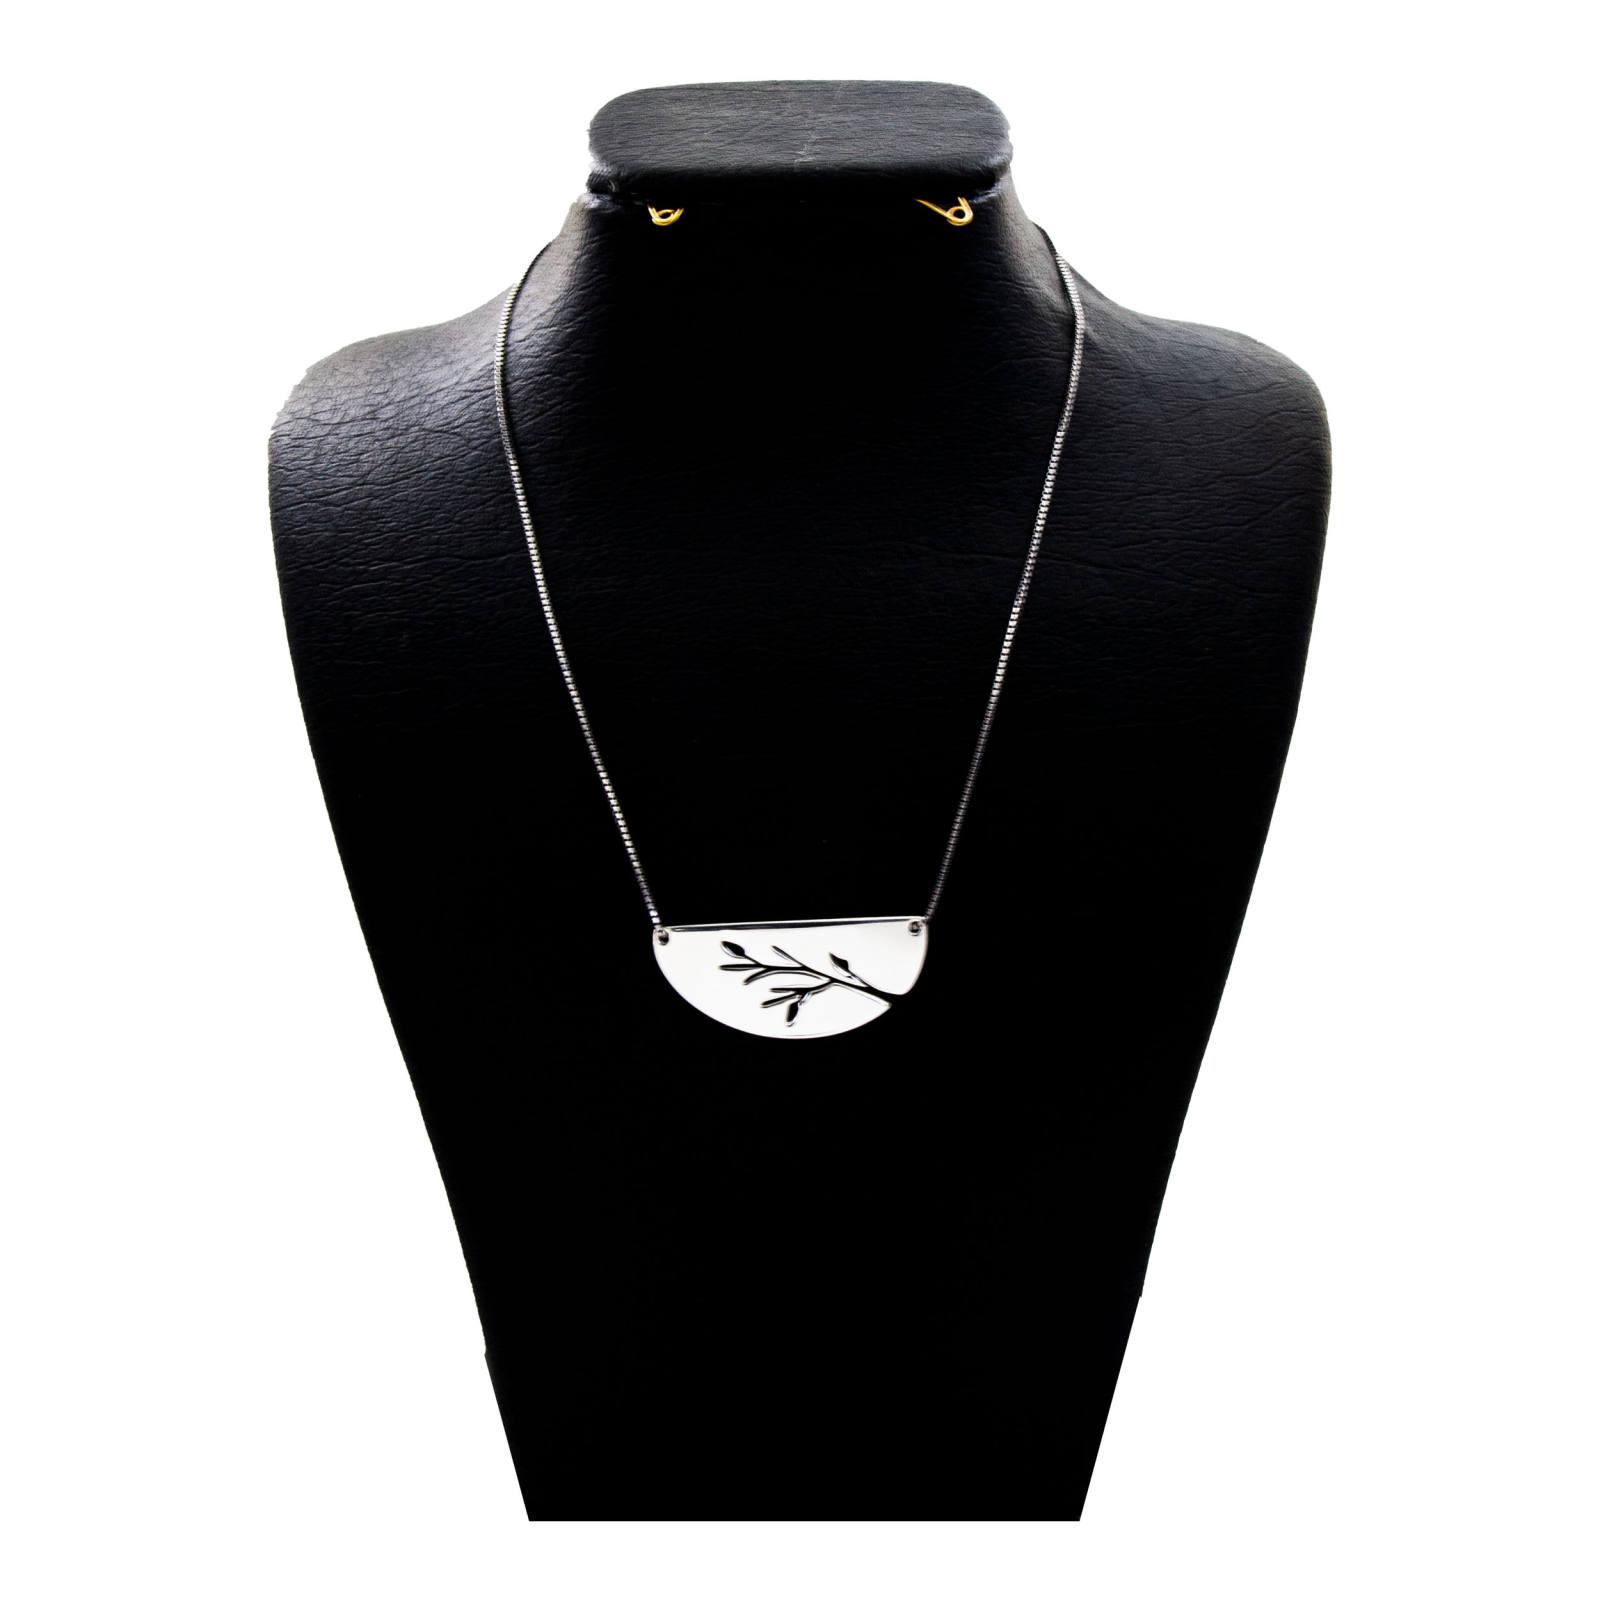 گردنبند نقره زنانه دلی جم کد D 95 -  - 2